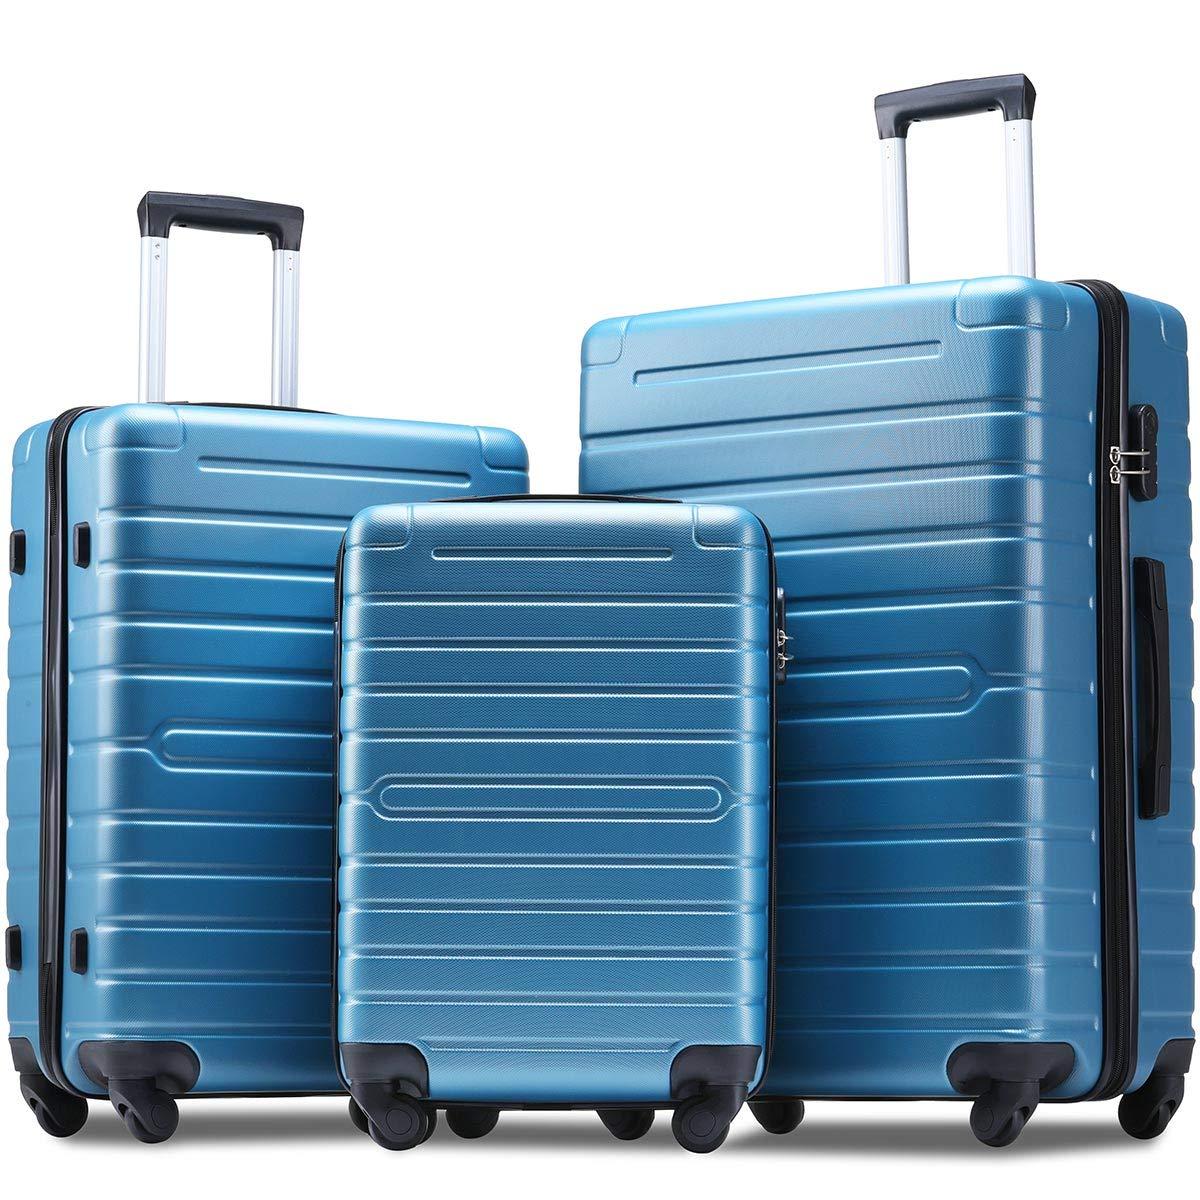 Flieks Luggage Sets 3 Piece Spinner Suitcase Lightweight 20 24 28 inch (steel blue) by Merax